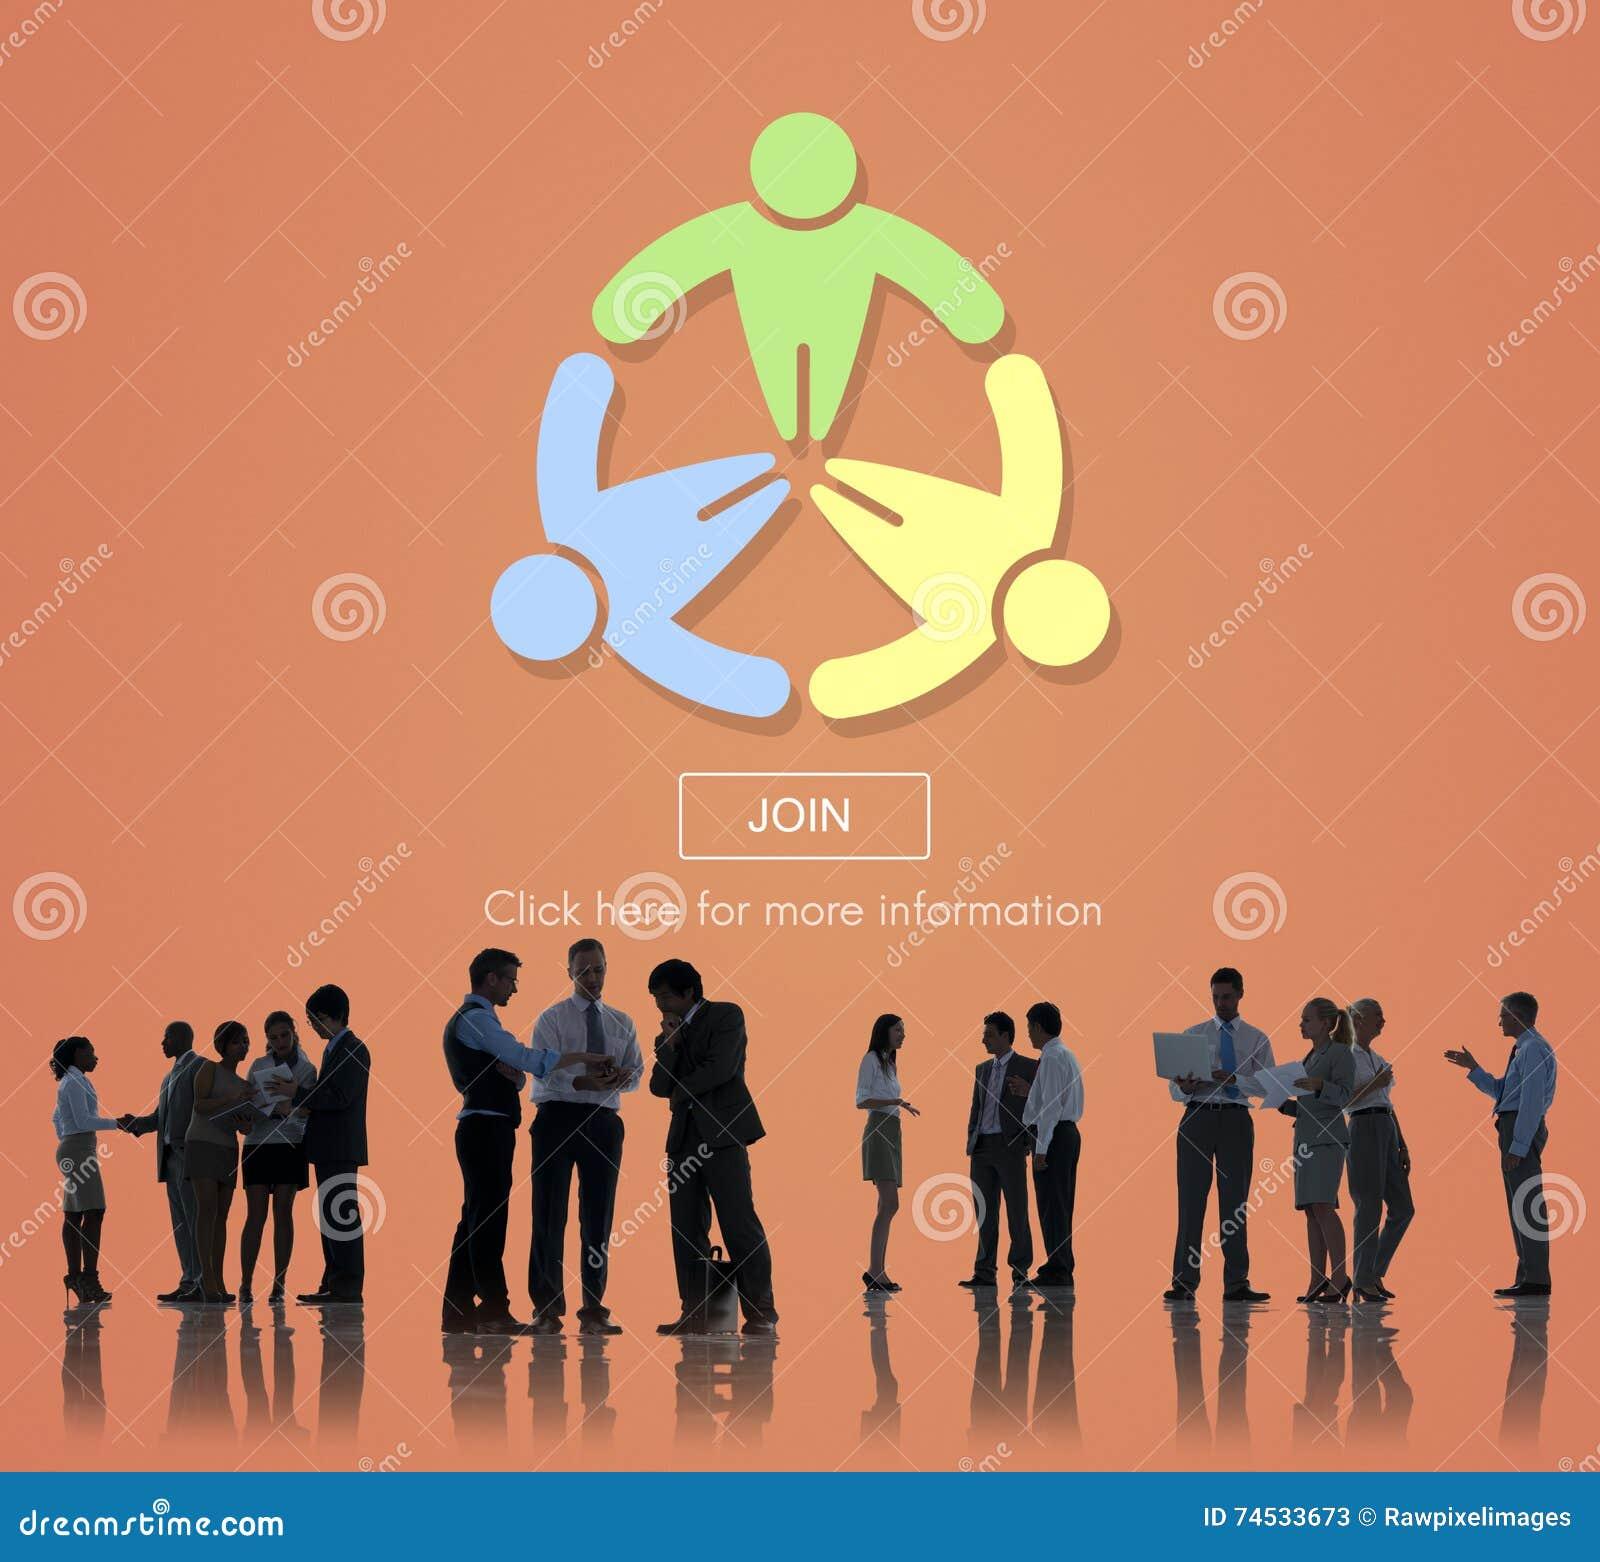 L unire applica il concetto unentesi di noleggio del registro di appartenenza